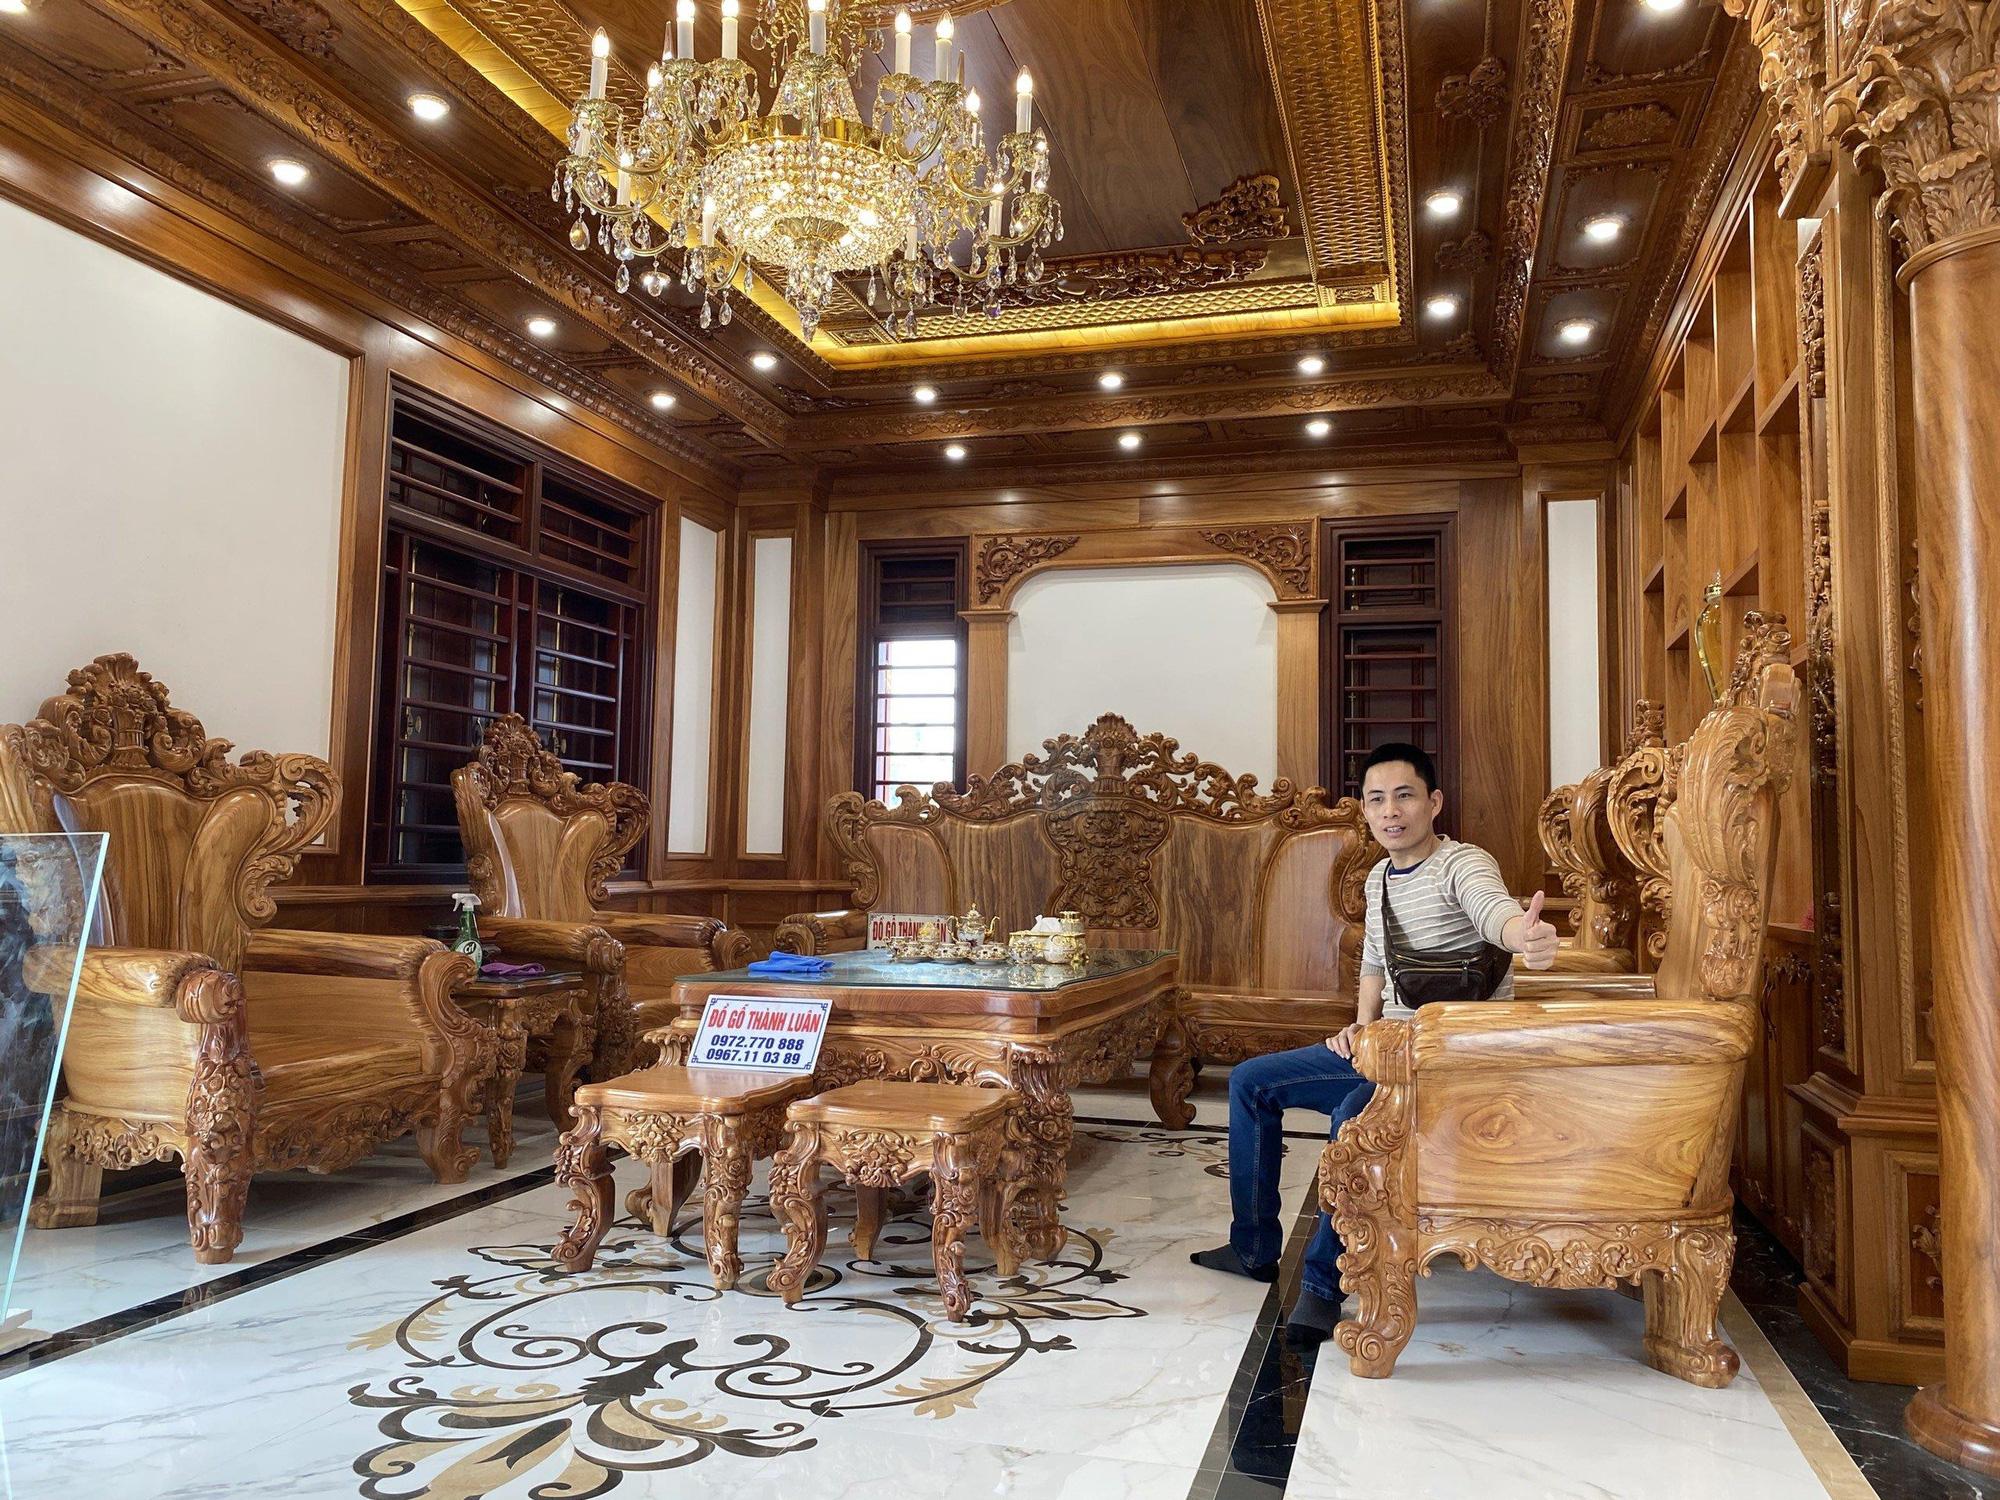 Đồ gỗ Thành Luân - Nâng tầm phong cách gia đình bạn - Ảnh 2.